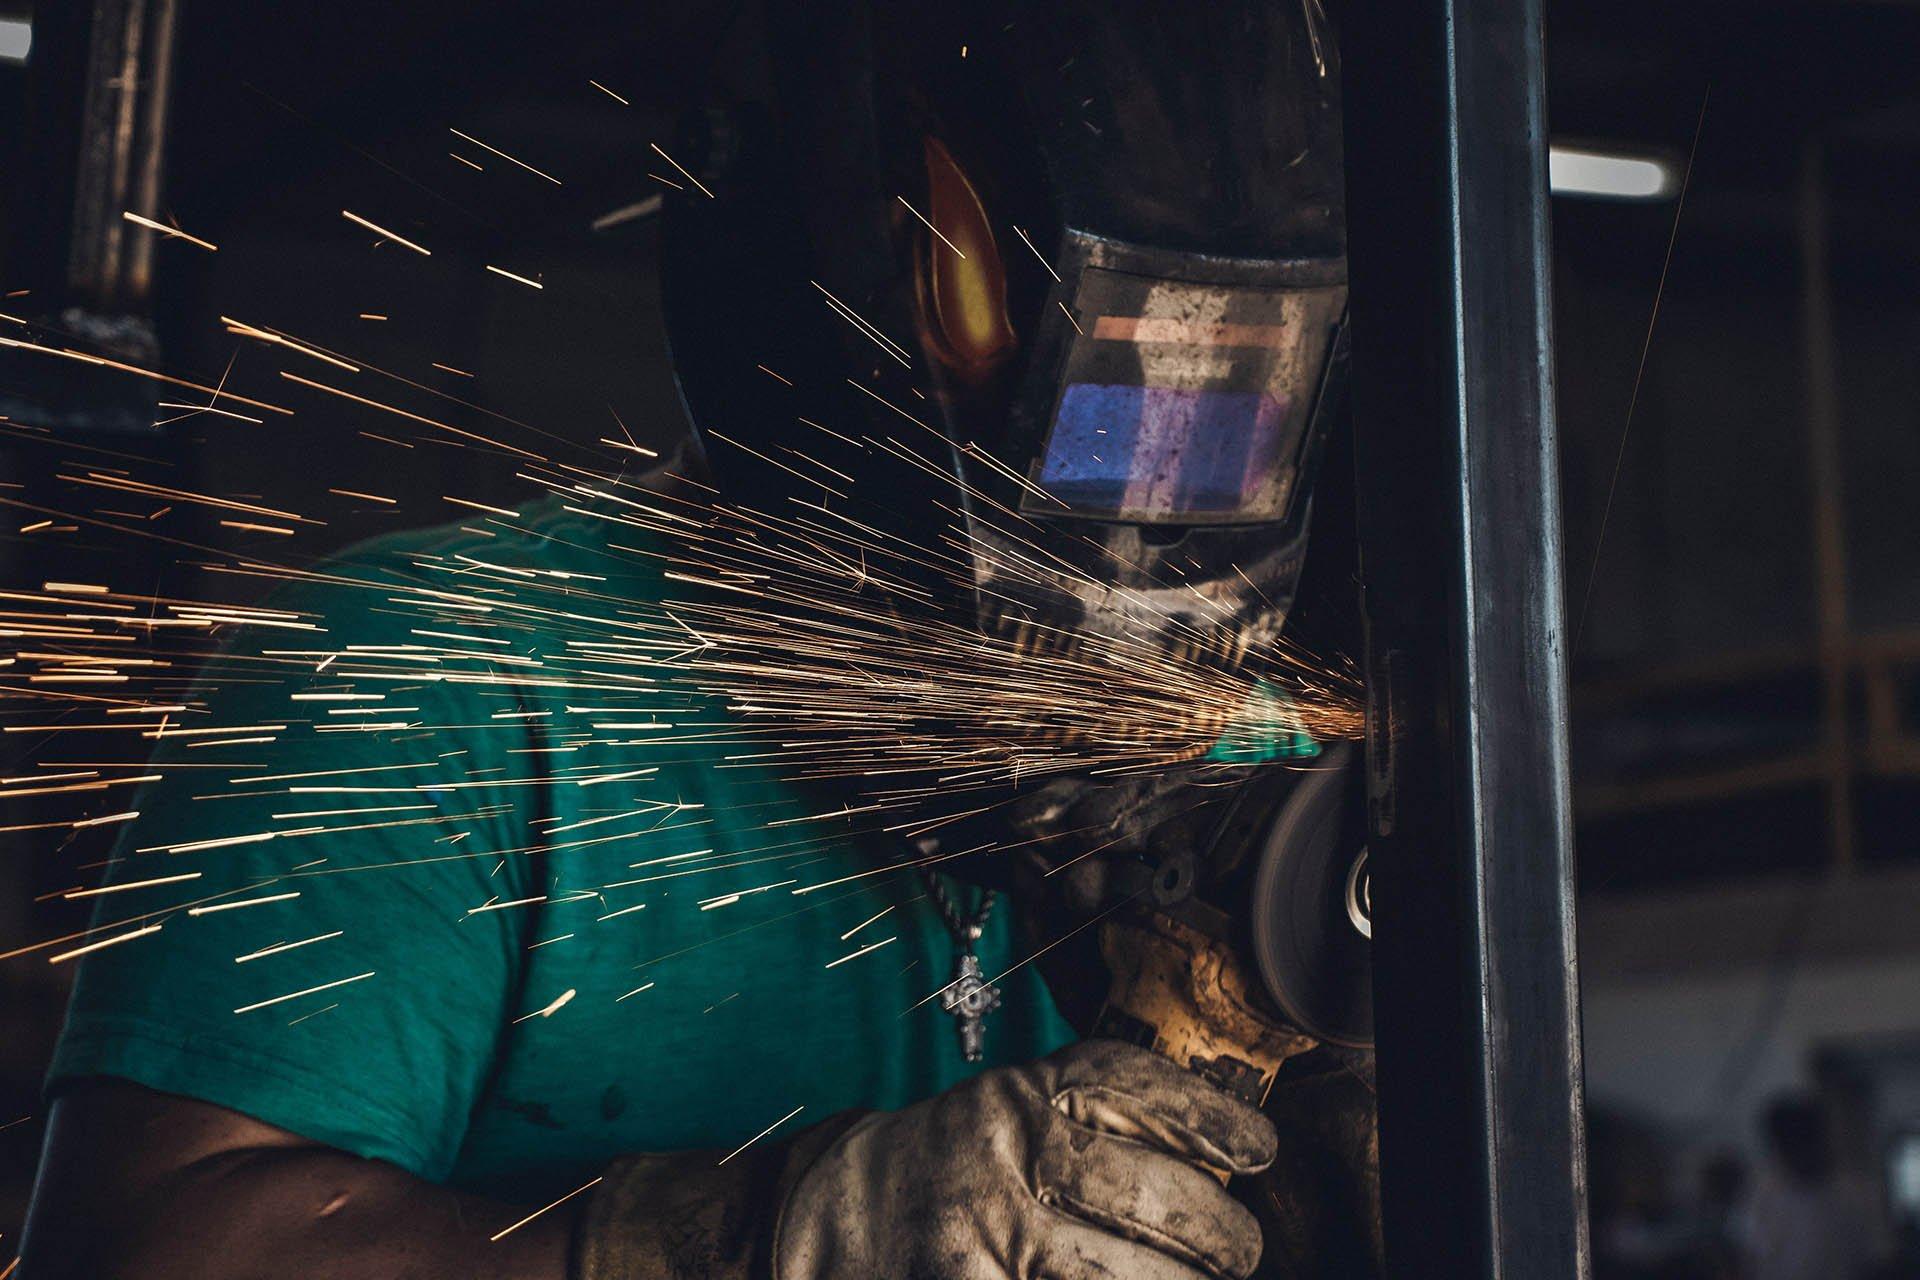 Tutkimusraportti_Andon-menetelmän tunnettuus suomalaisen valmistavan teollisuuden keskuudessa_lowres